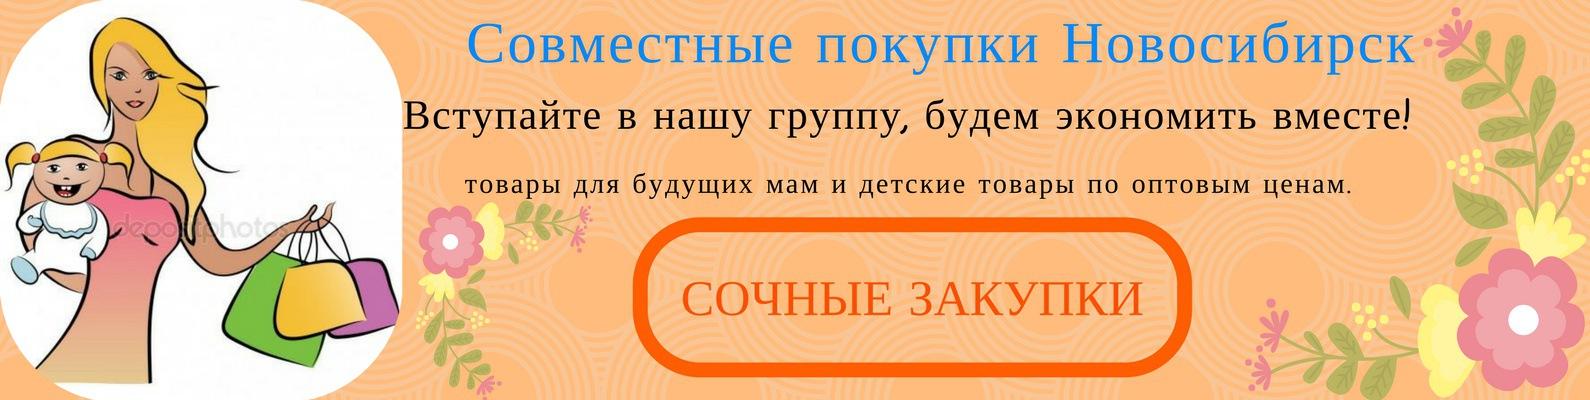 Совместные покупки для беременных, мам и малышей   ВКонтакте fba6ca1b375